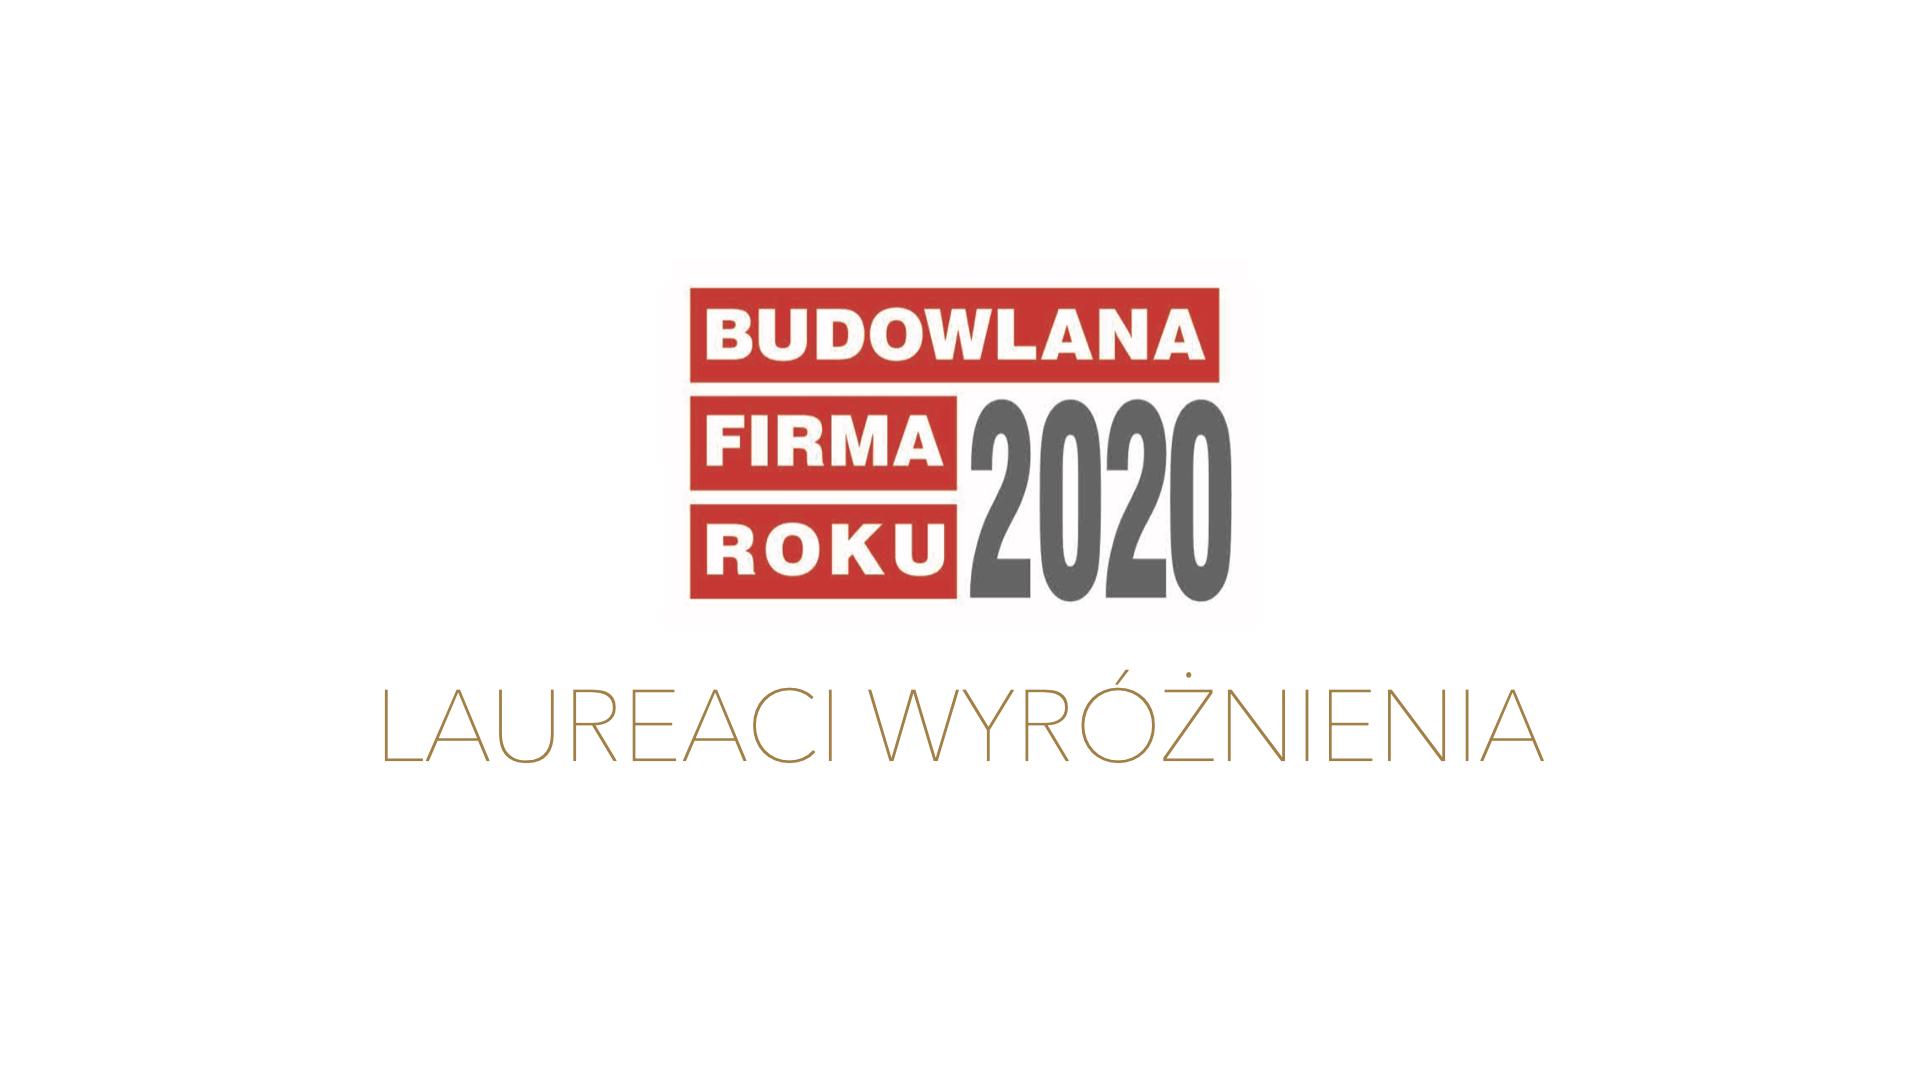 LAUREACI WYRÓŻNIENIA BUDOWLANA FIRMA ROKU 2020